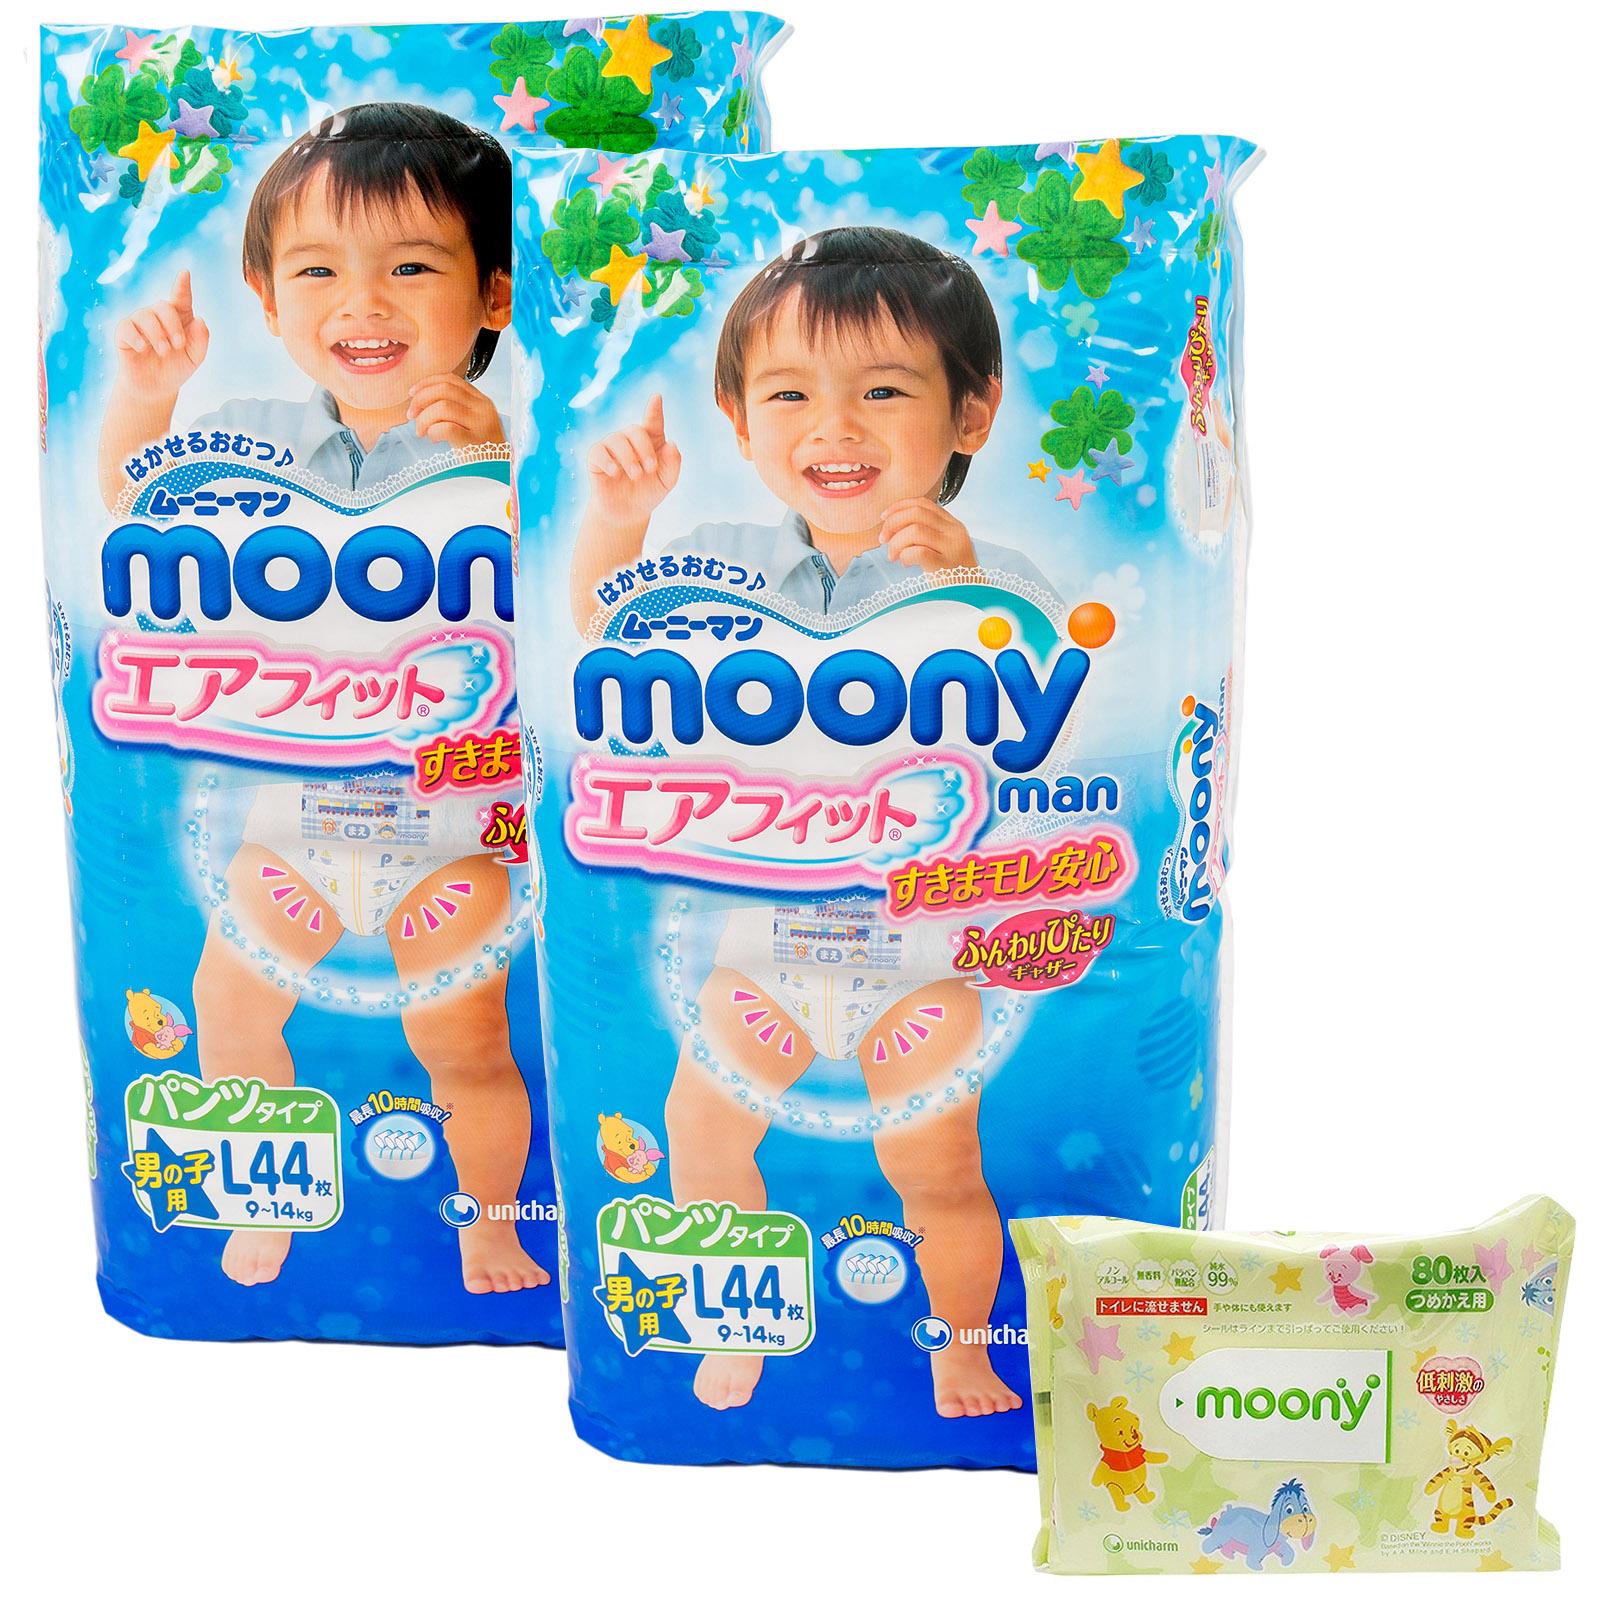 ����� Moony � 10 ������� ��� ��������� L � ����������